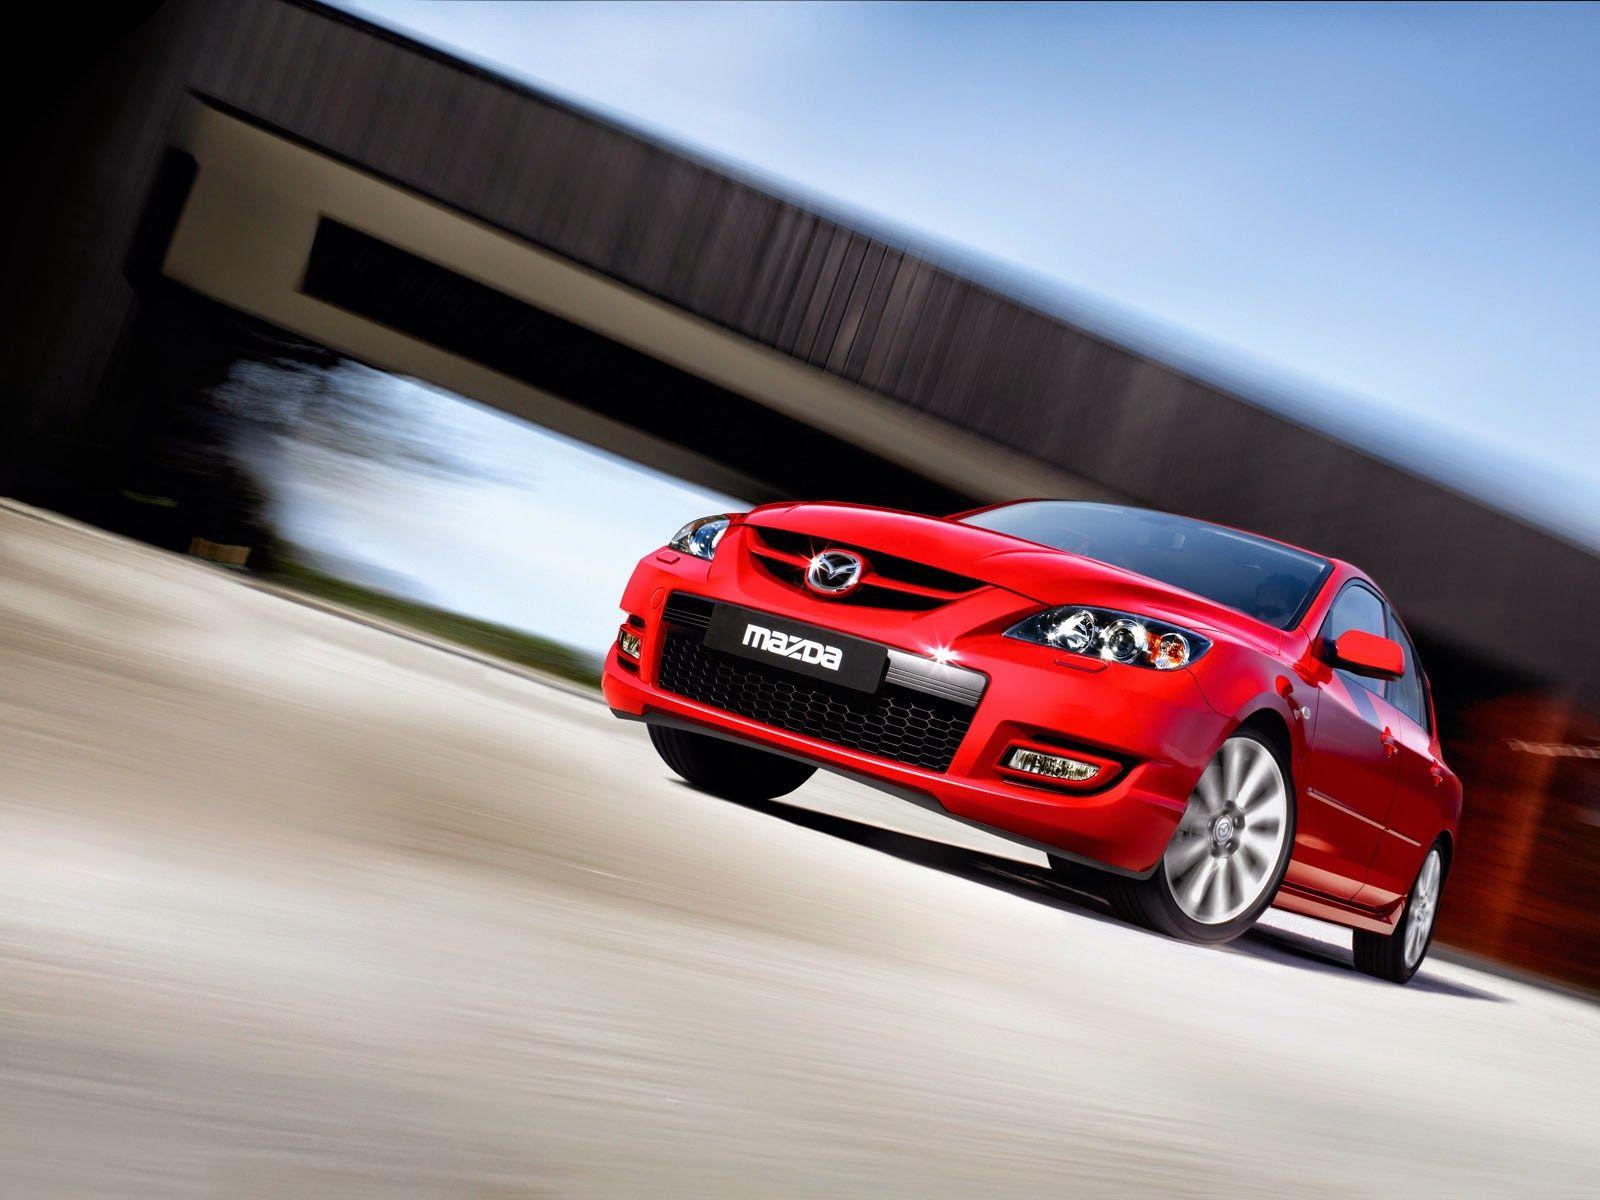 2006 Mazda 3 MPS | Mazda | Pinterest | Mazda